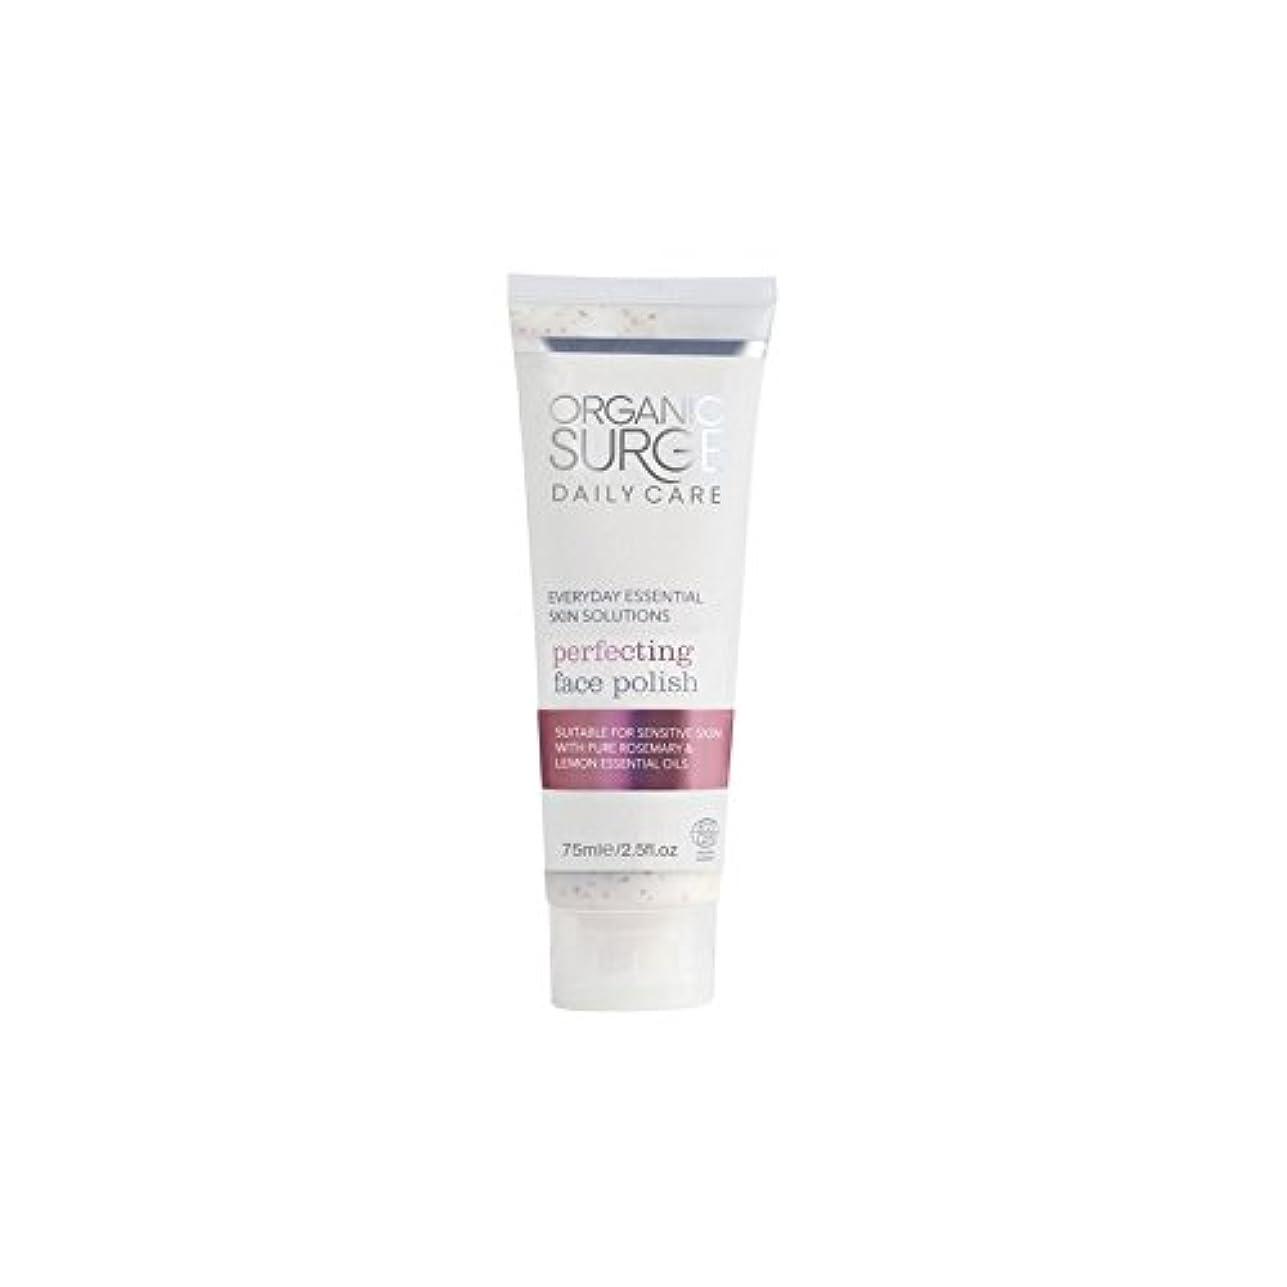 振り向く血統処方する面研磨を完成有機サージ毎日のケア(75ミリリットル) x4 - Organic Surge Daily Care Perfecting Face Polish (75ml) (Pack of 4) [並行輸入品]